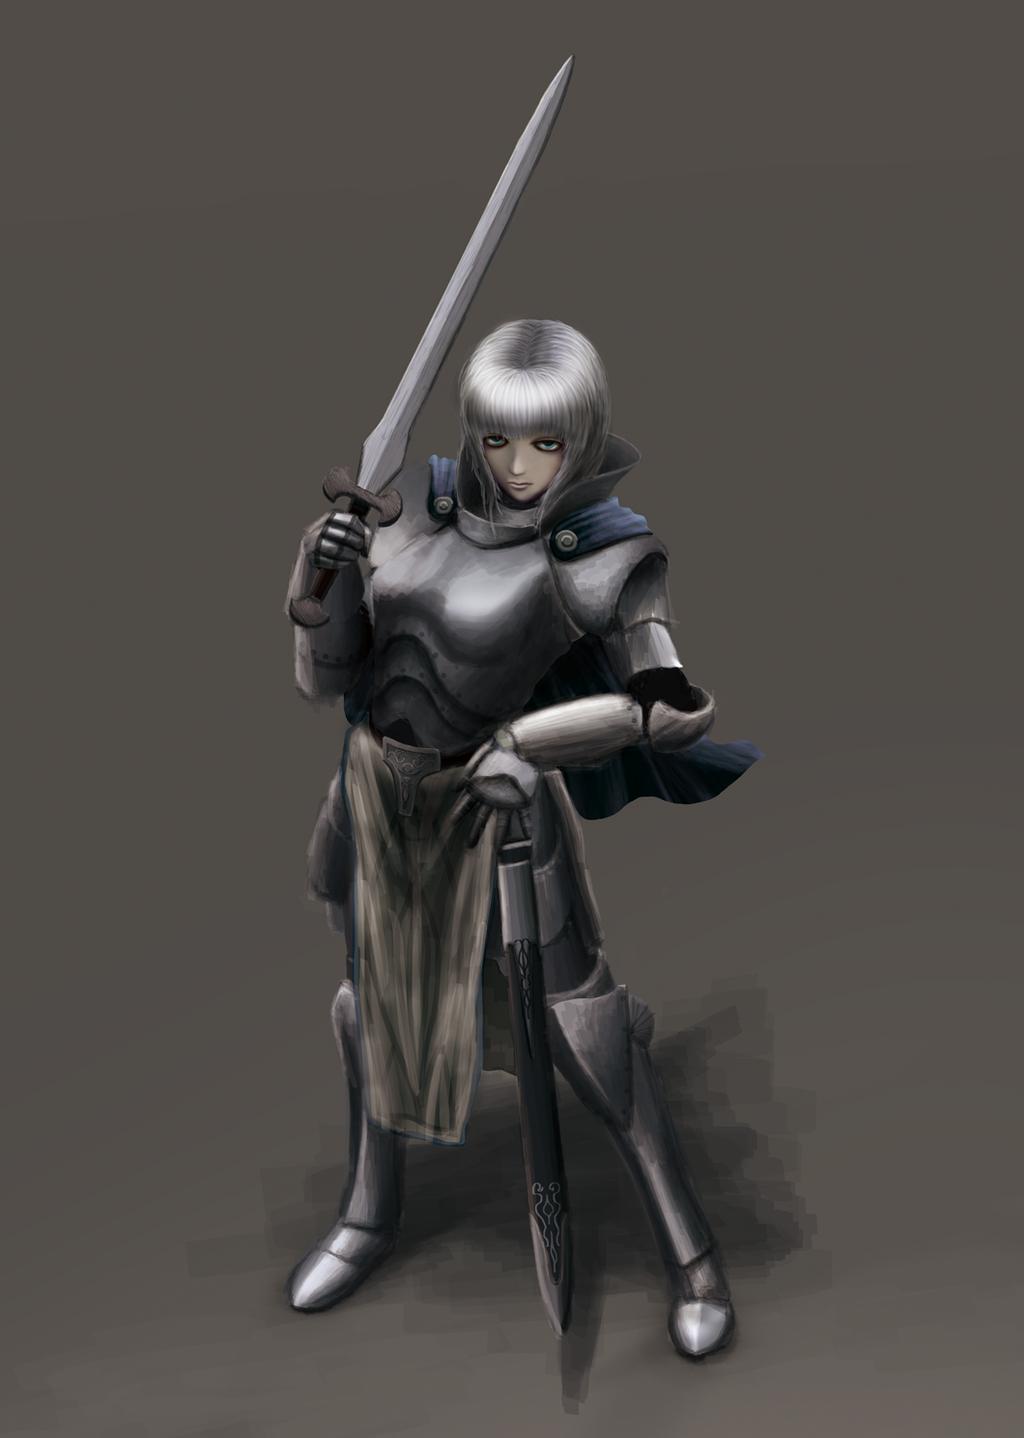 knight by basoboo